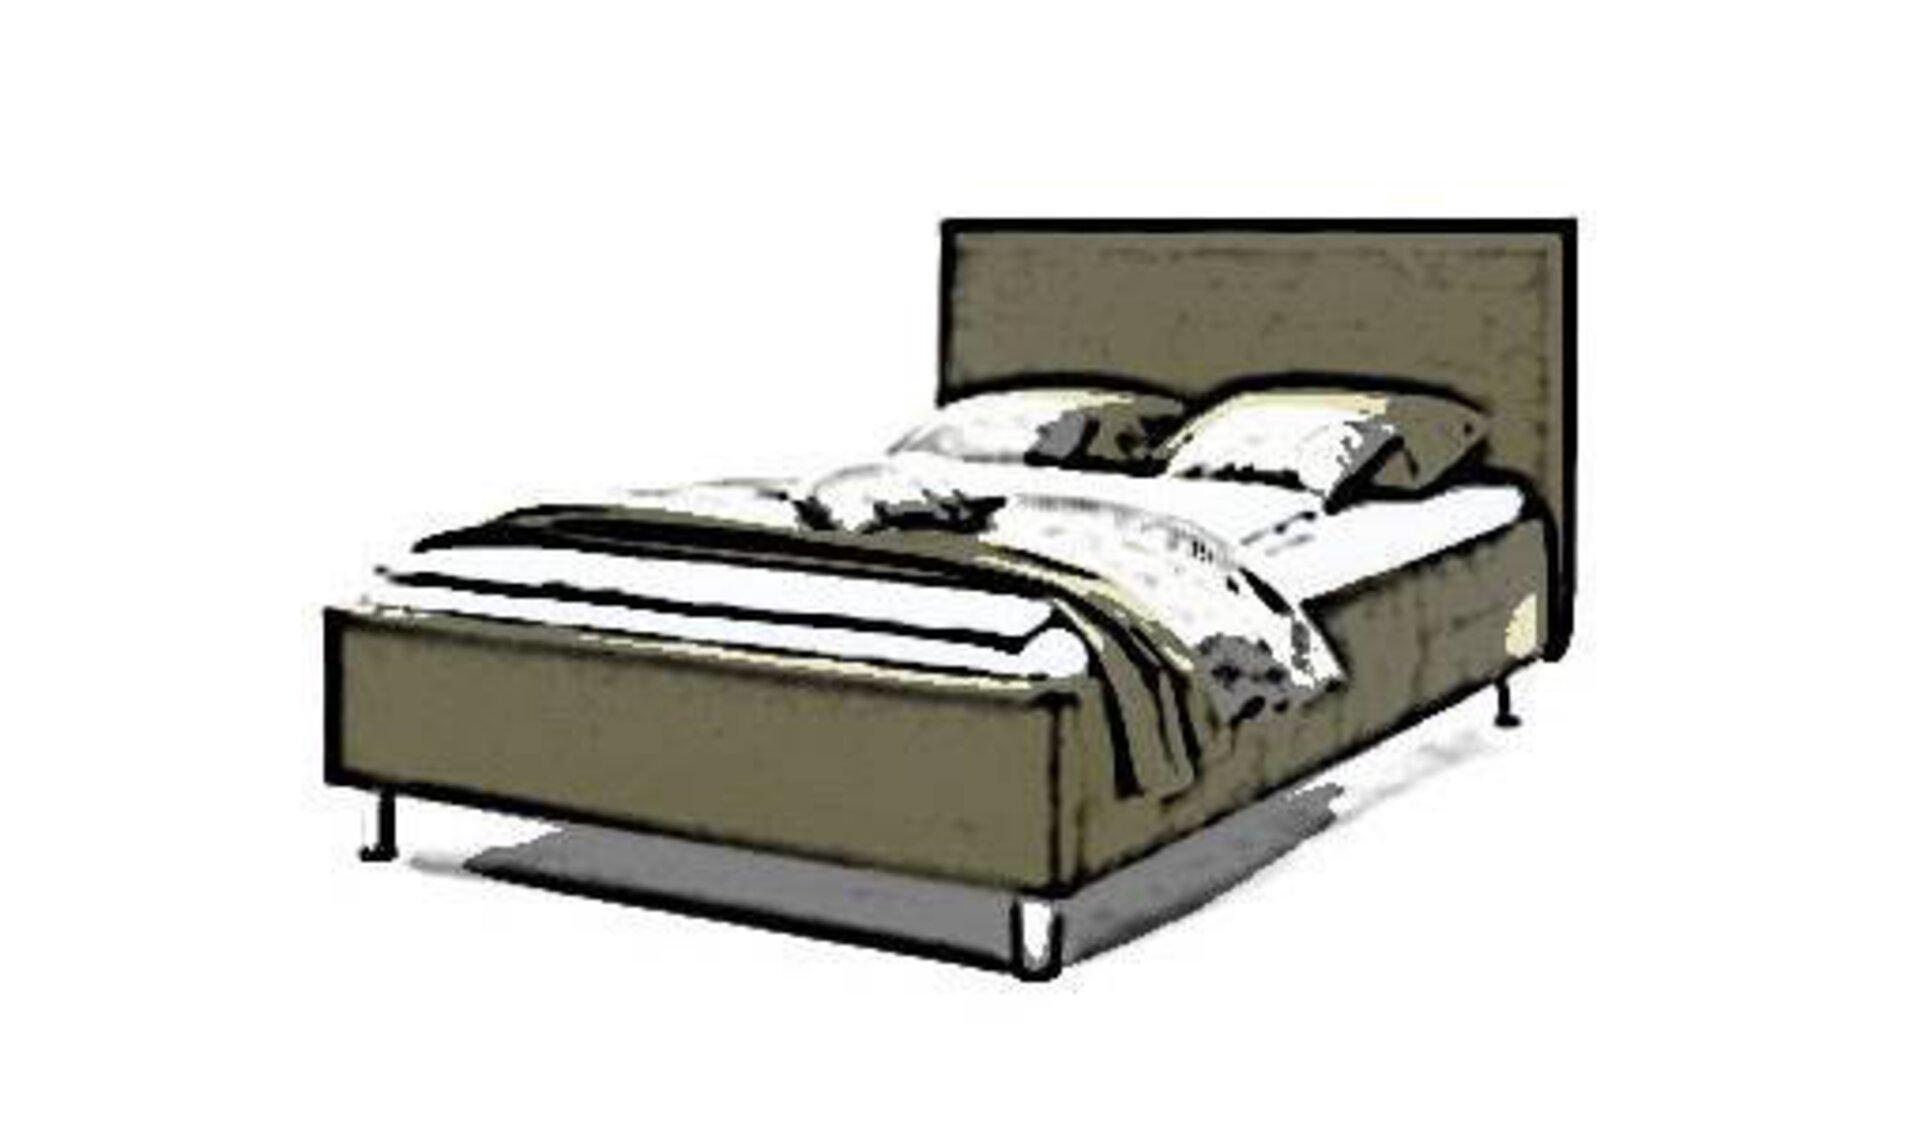 Ein stilisiertes bezogenes Bett als Sinnbild für die in der Kategorie enthaltenen Bettentypen wie Boxspringbett, Polsterbett und Futonbett.